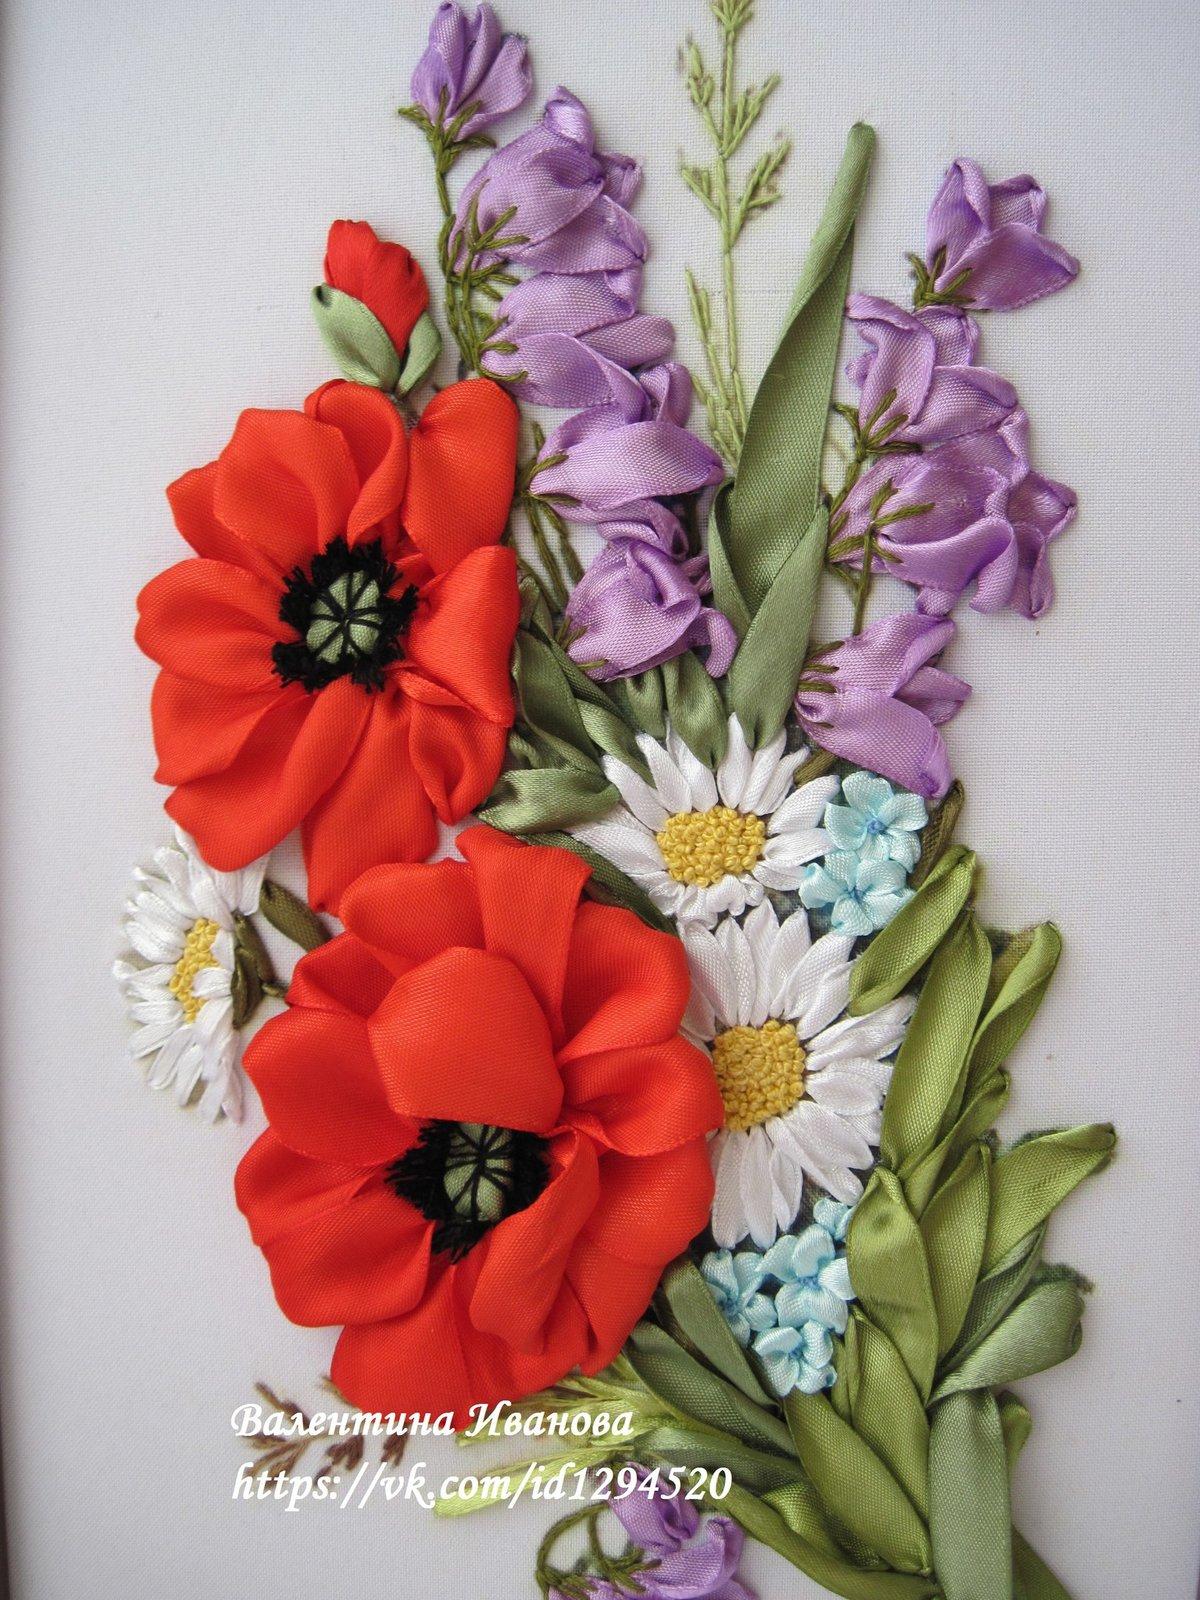 Александра гордиенко вышивки лентами